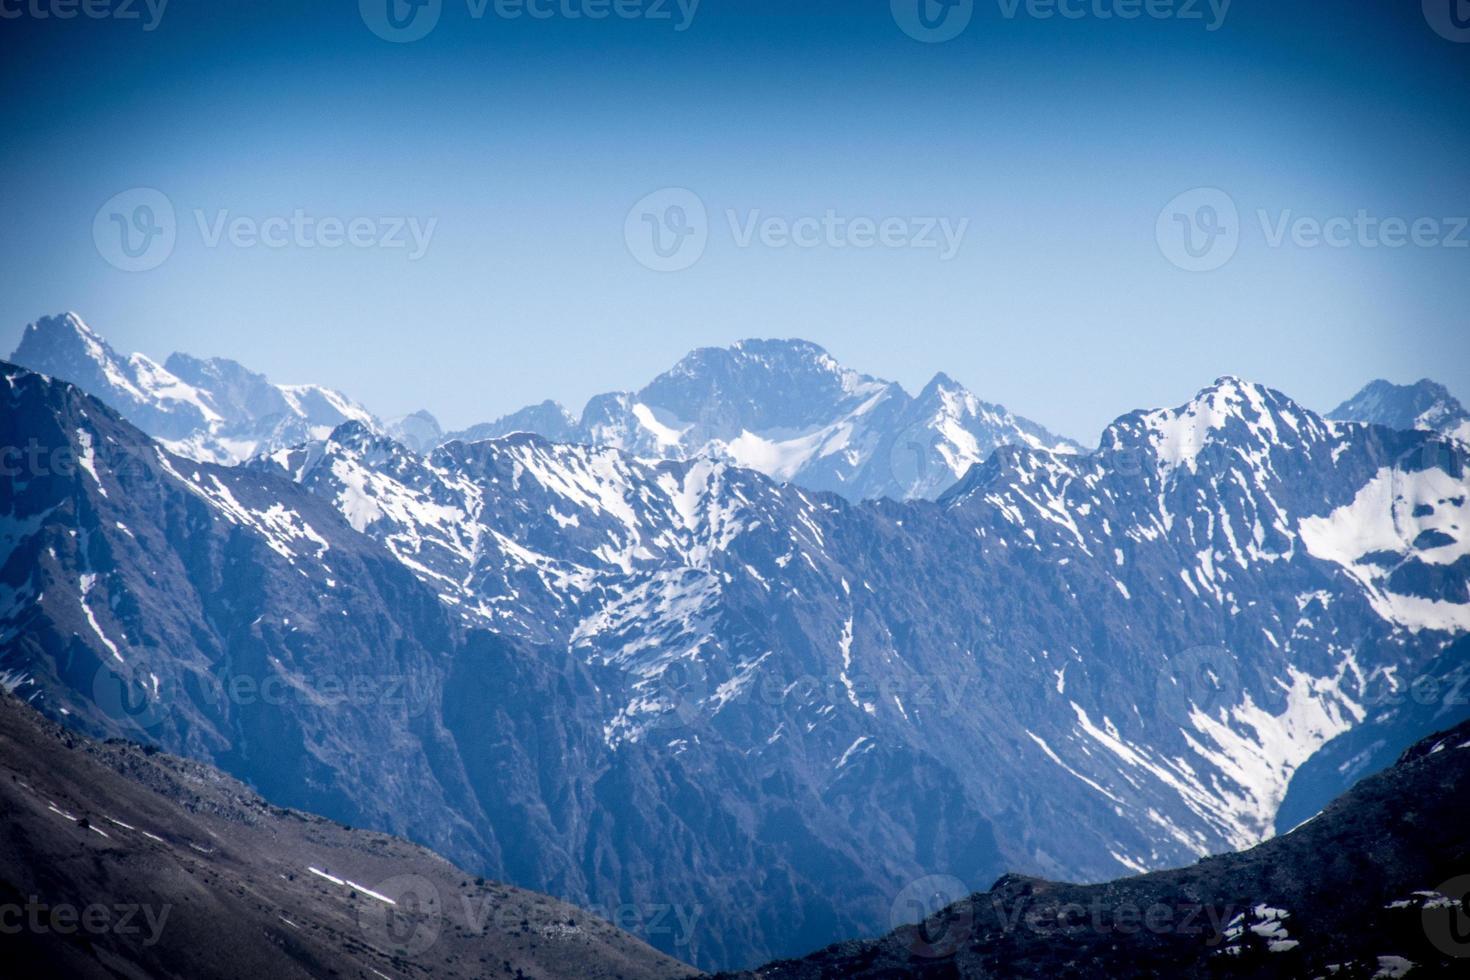 Blick auf die Berge in den Alpen foto